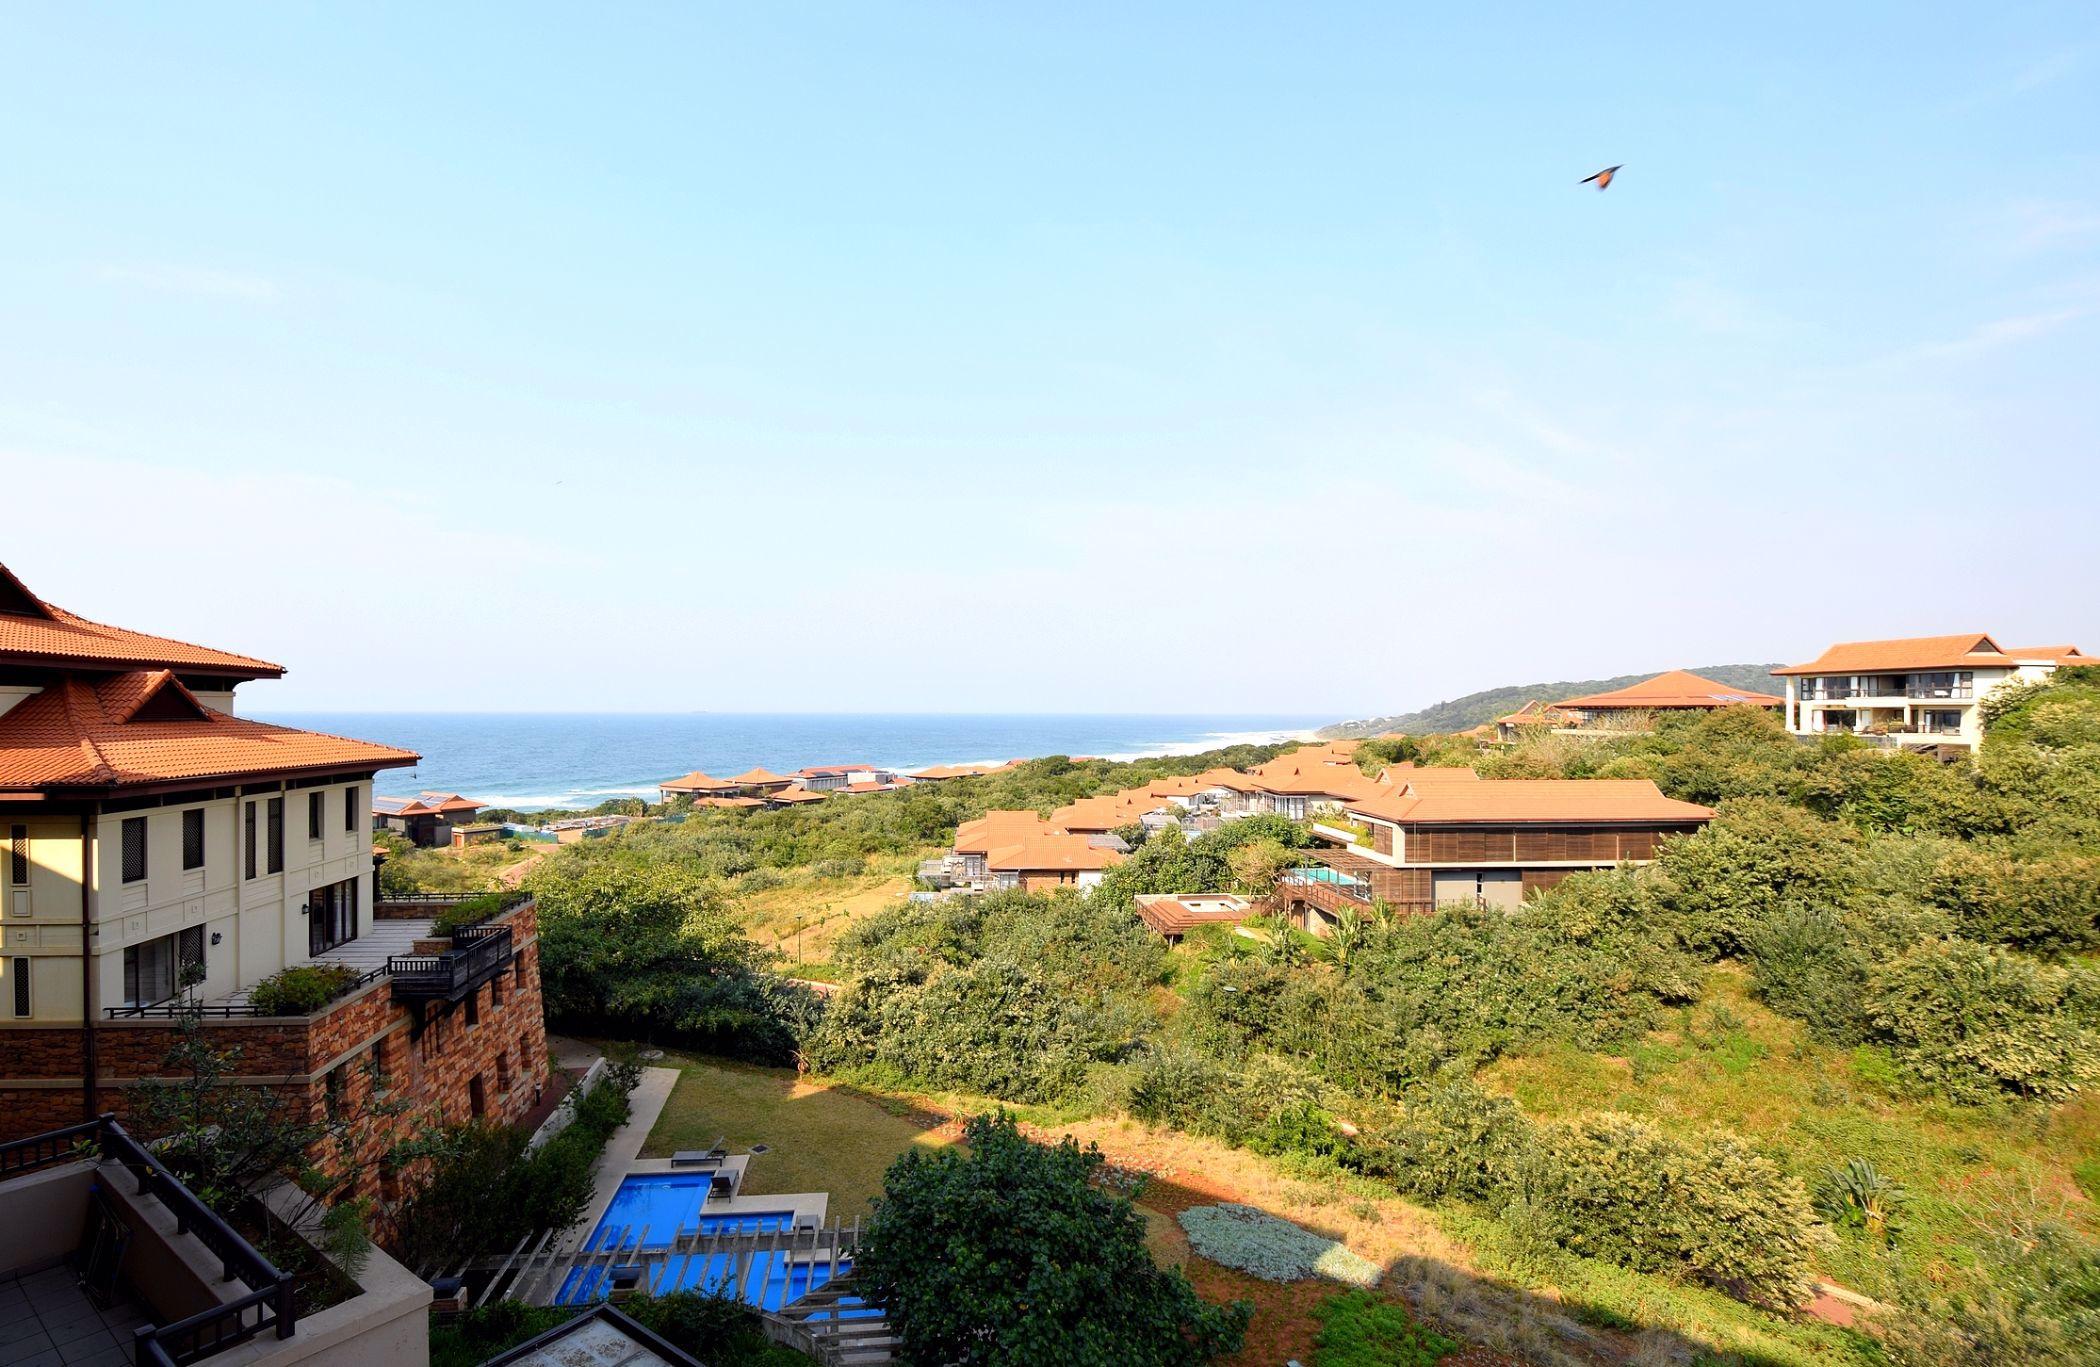 2 bedroom apartment for sale in Zimbali Coastal Resort